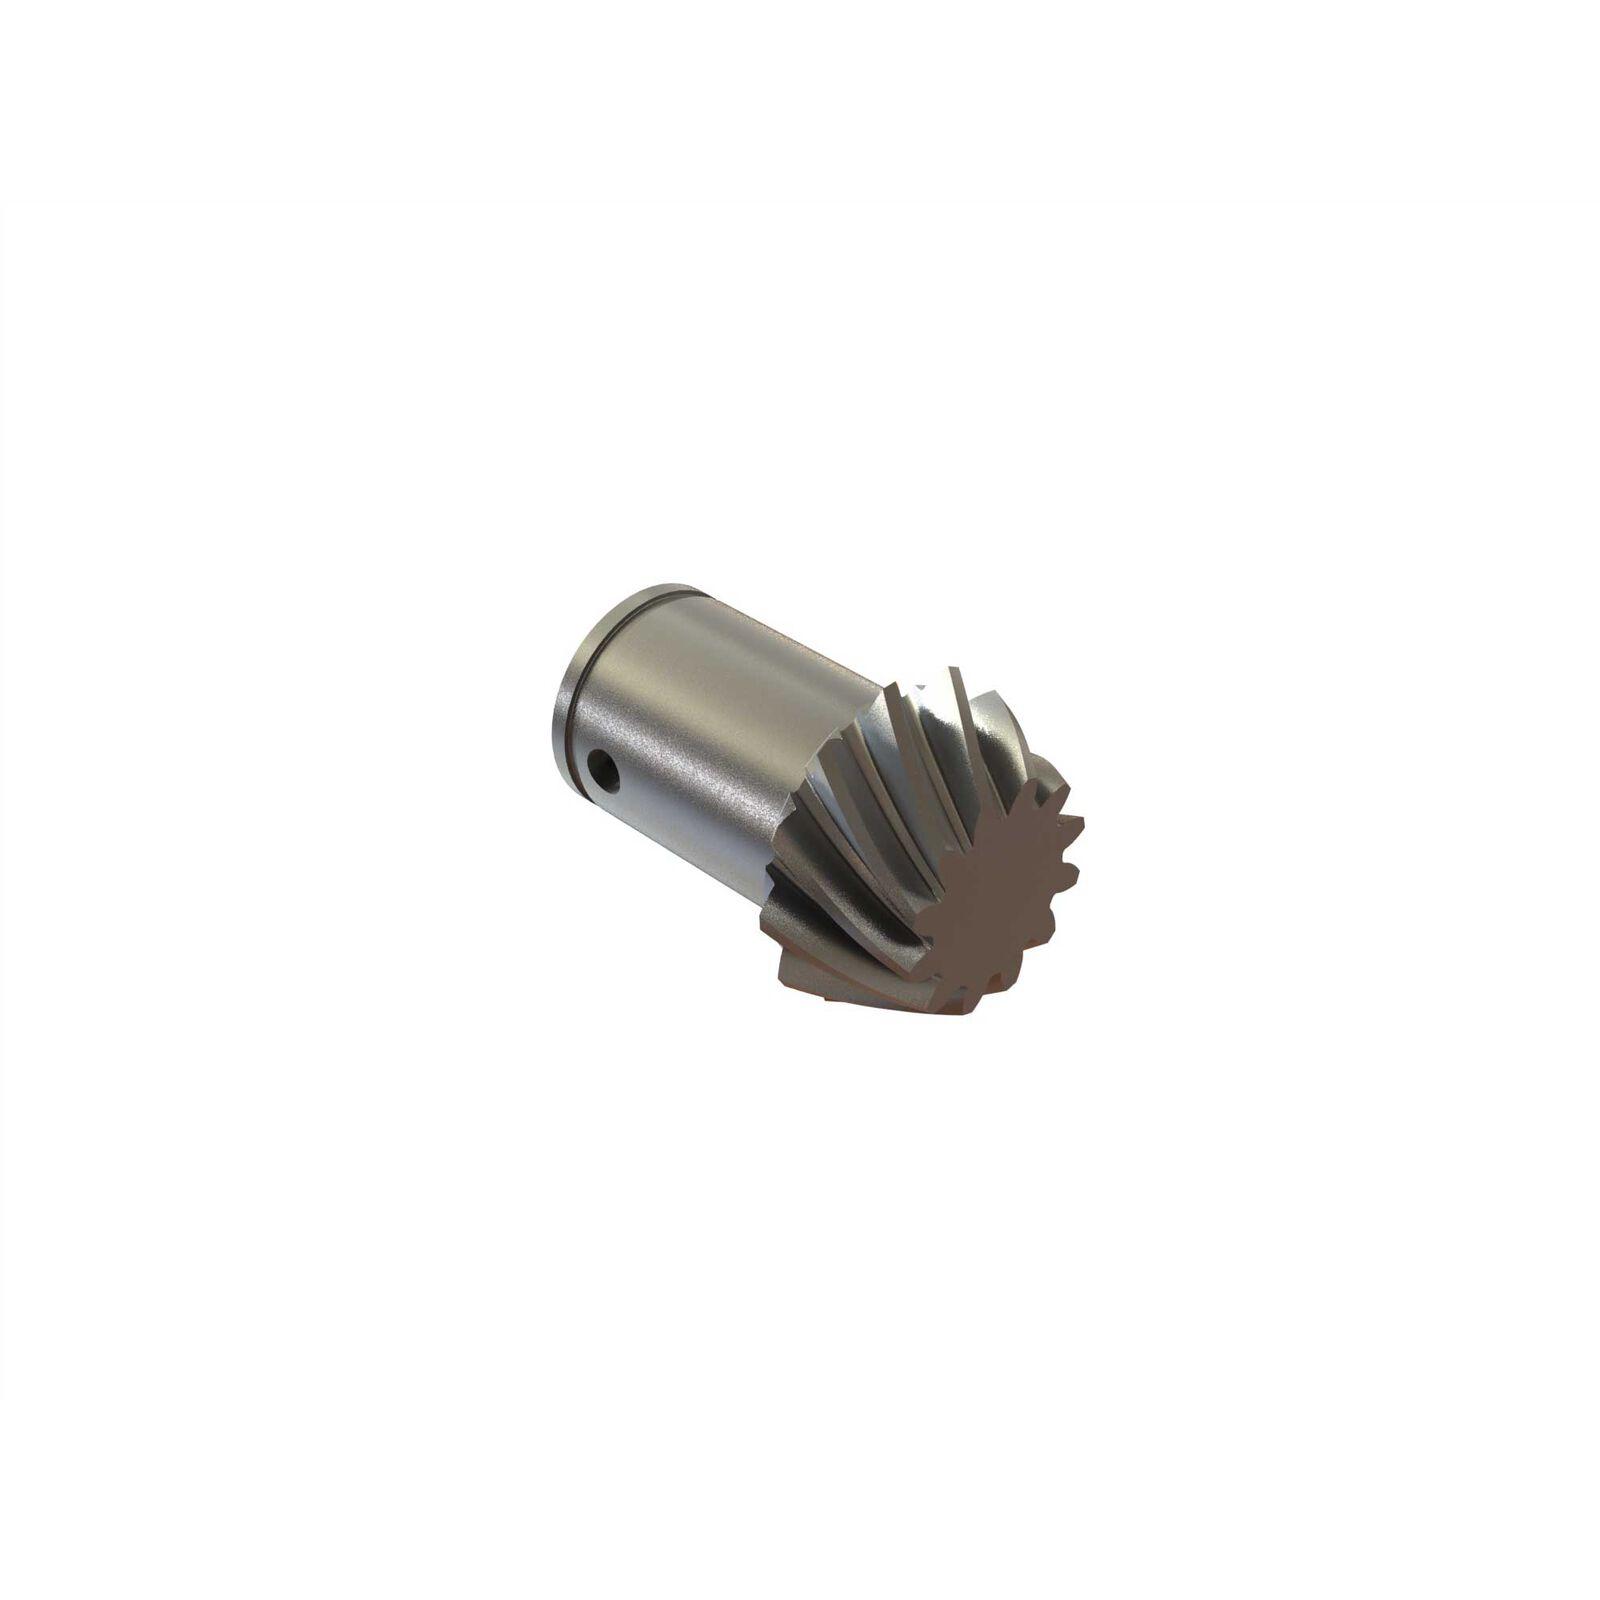 Main Input Gear, 12T Spiral